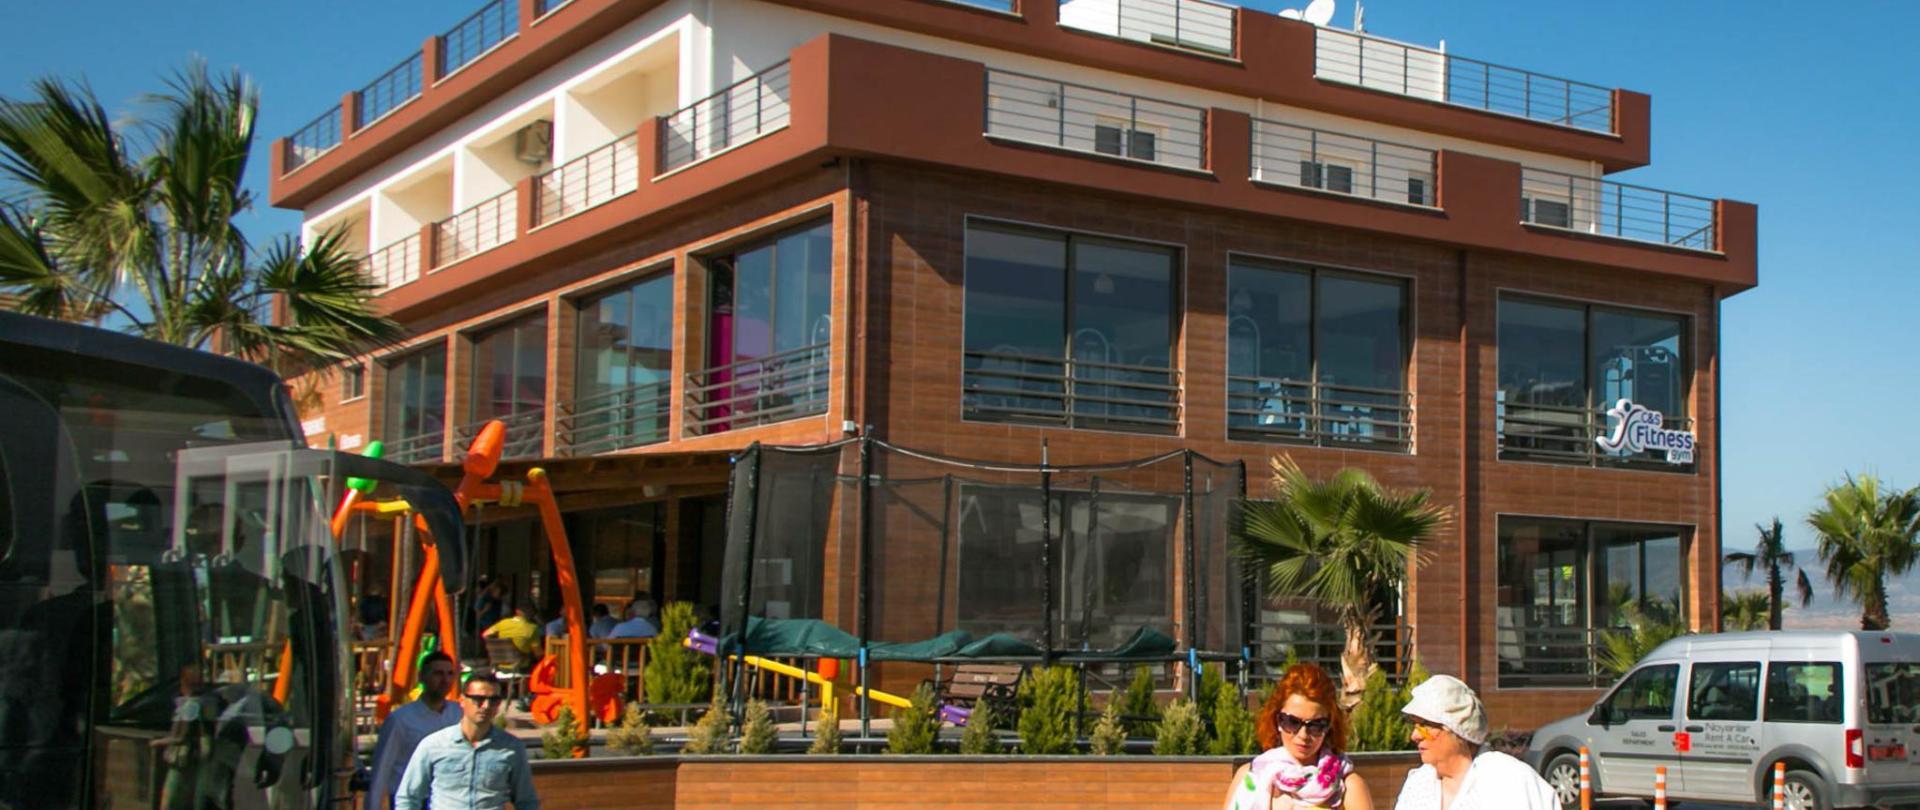 Long Beach Holiday Homes